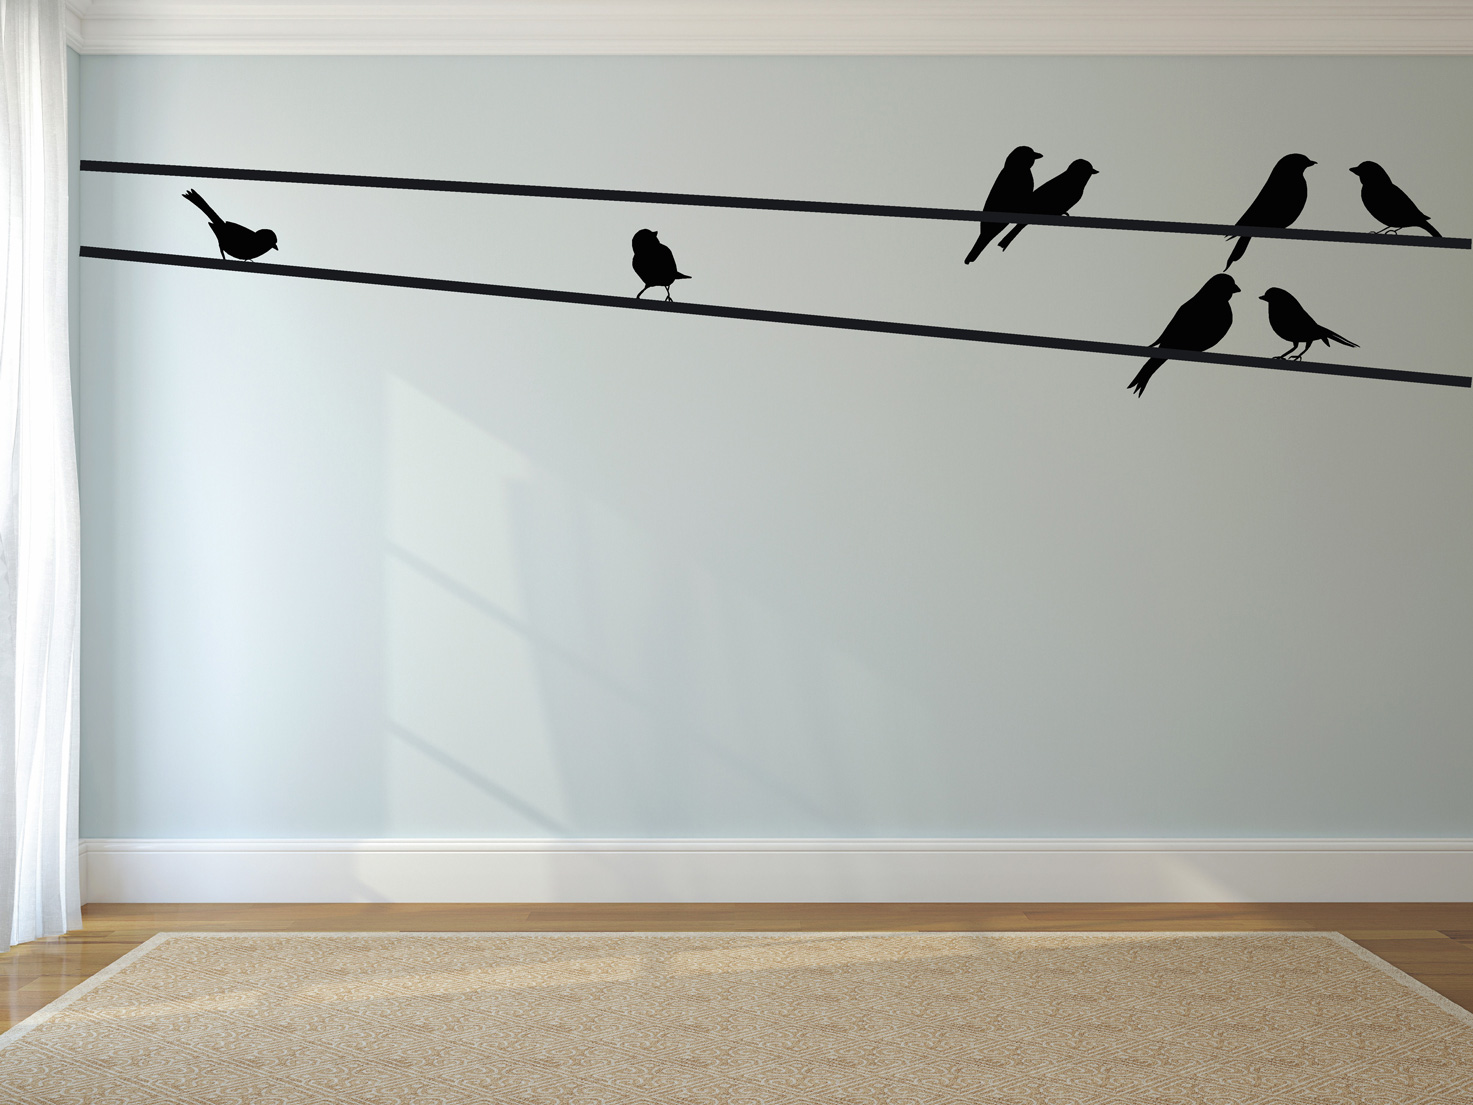 gesneden muursticker vogels 3 muurstickers 2 muurteksten huisstijl ...